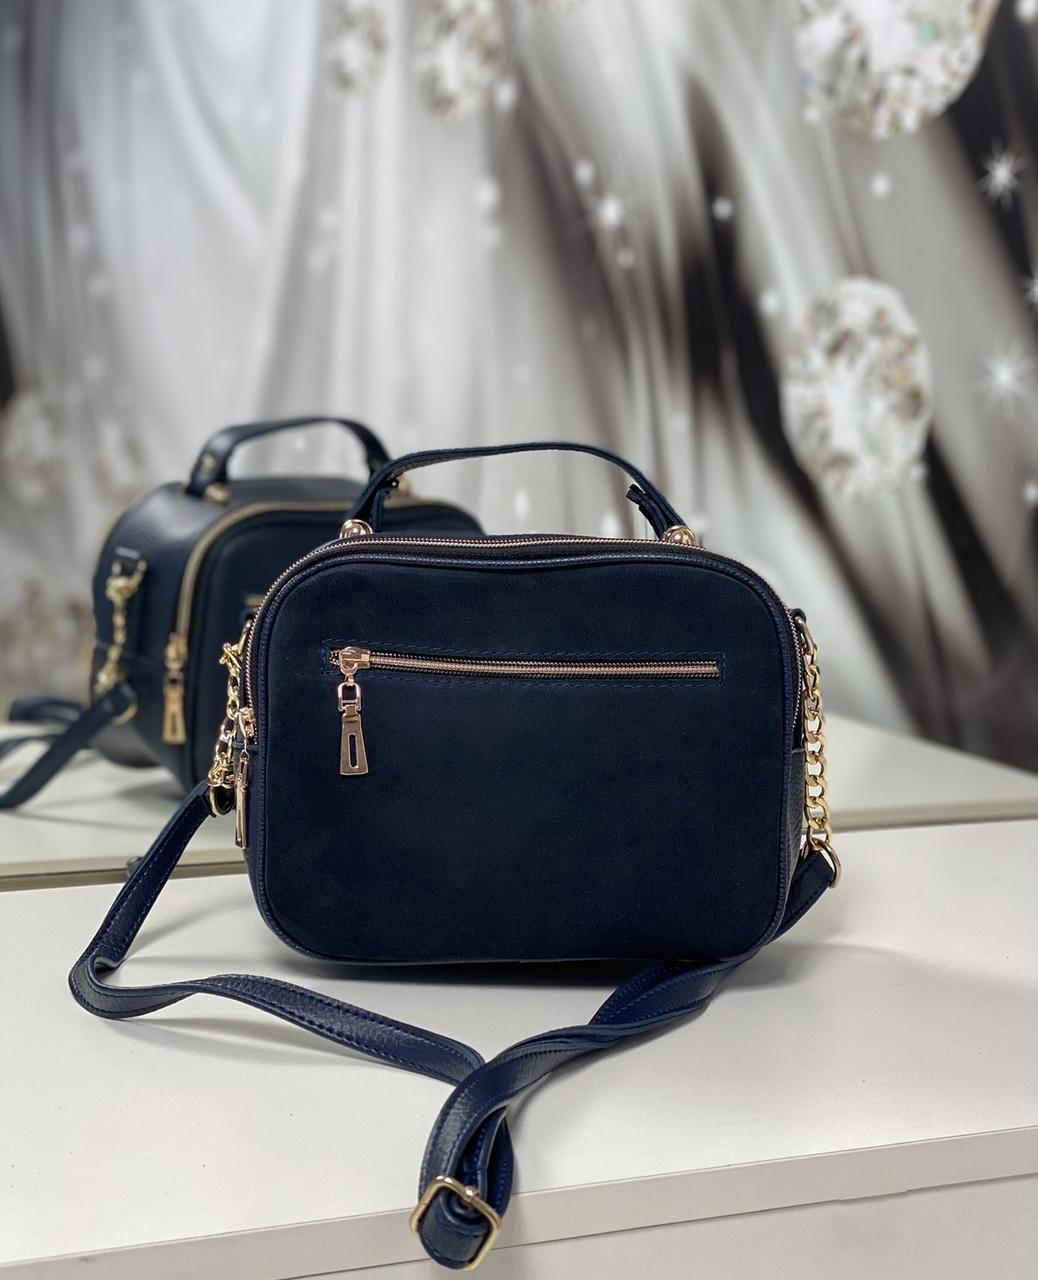 Небольшая замшевая сумка чемоданчик женская сумочка через плечо синяя натуральная замша+кожзам